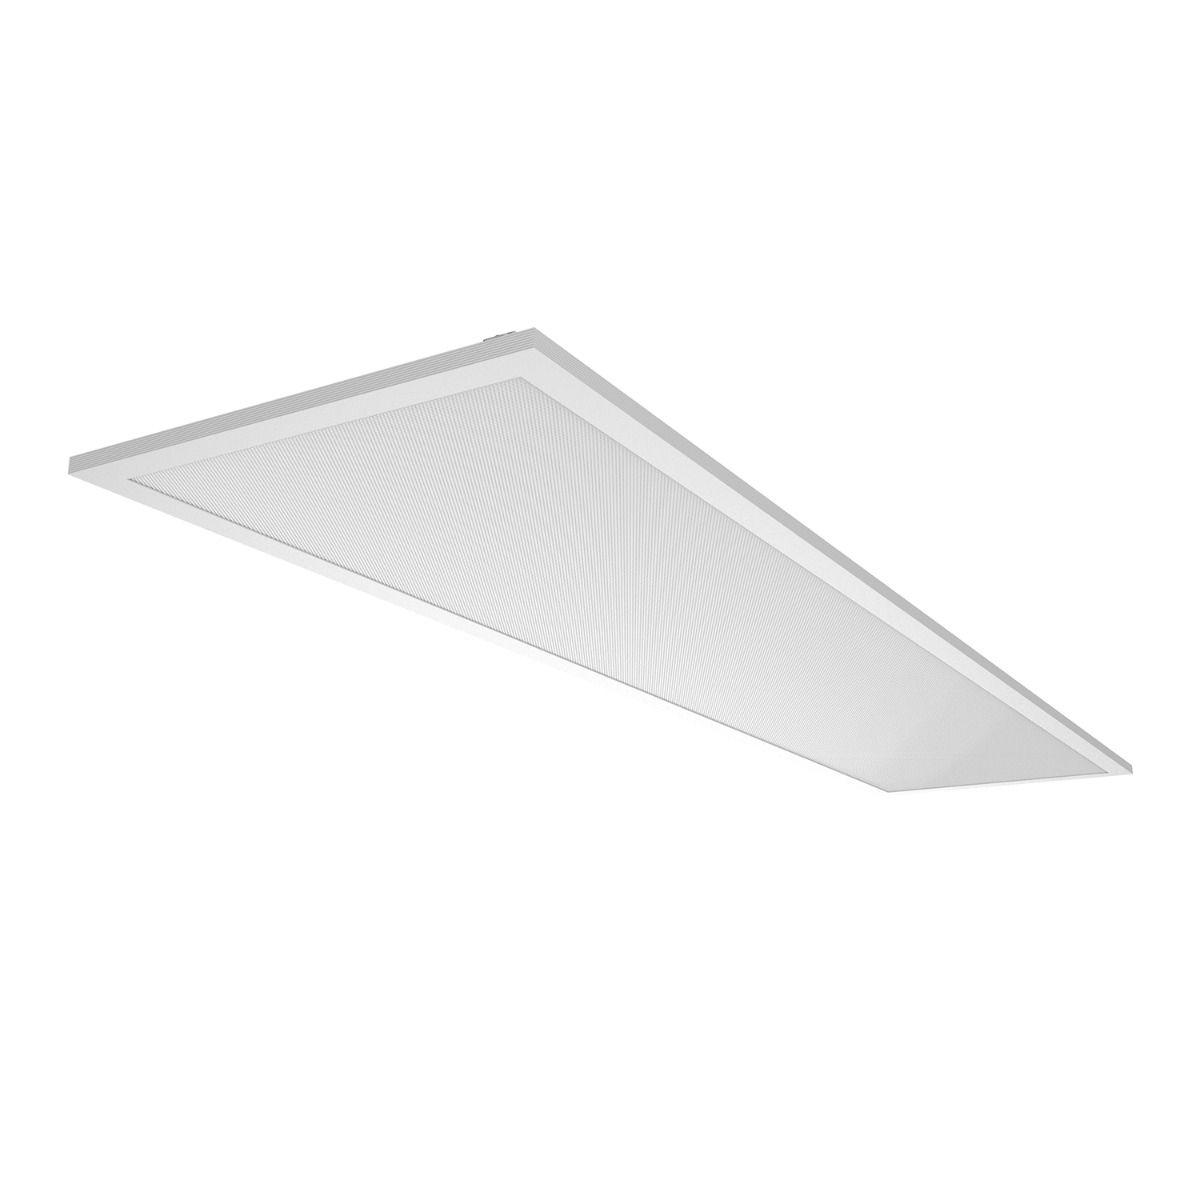 Noxion Panneau LED Delta Pro V3 30W 4000K 4070lm 30x120cm UGR <19   Blanc Froid - Substitut 2x36W